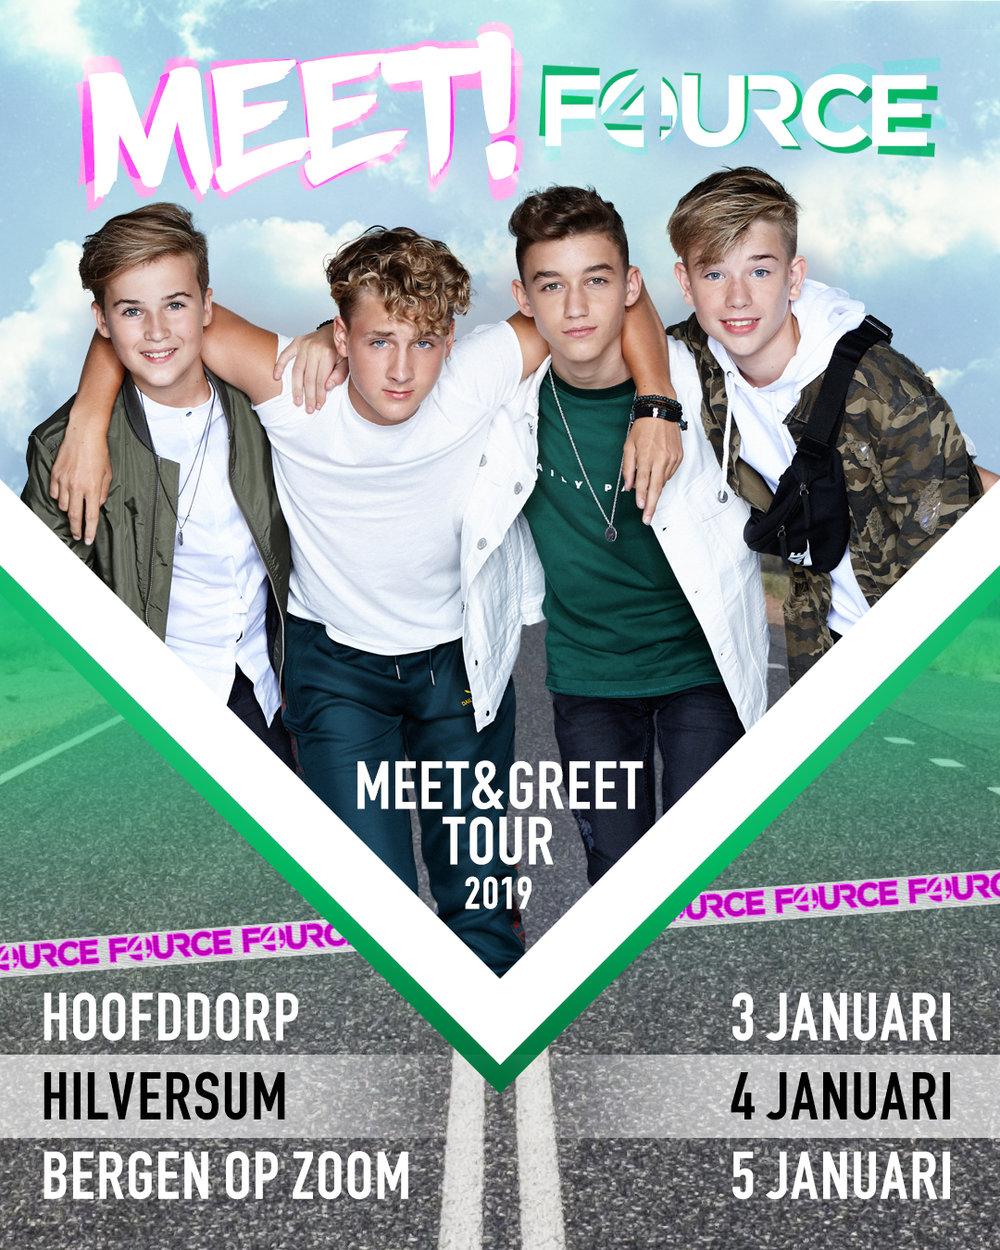 meet_fource_tour_2019jan poster.jpg